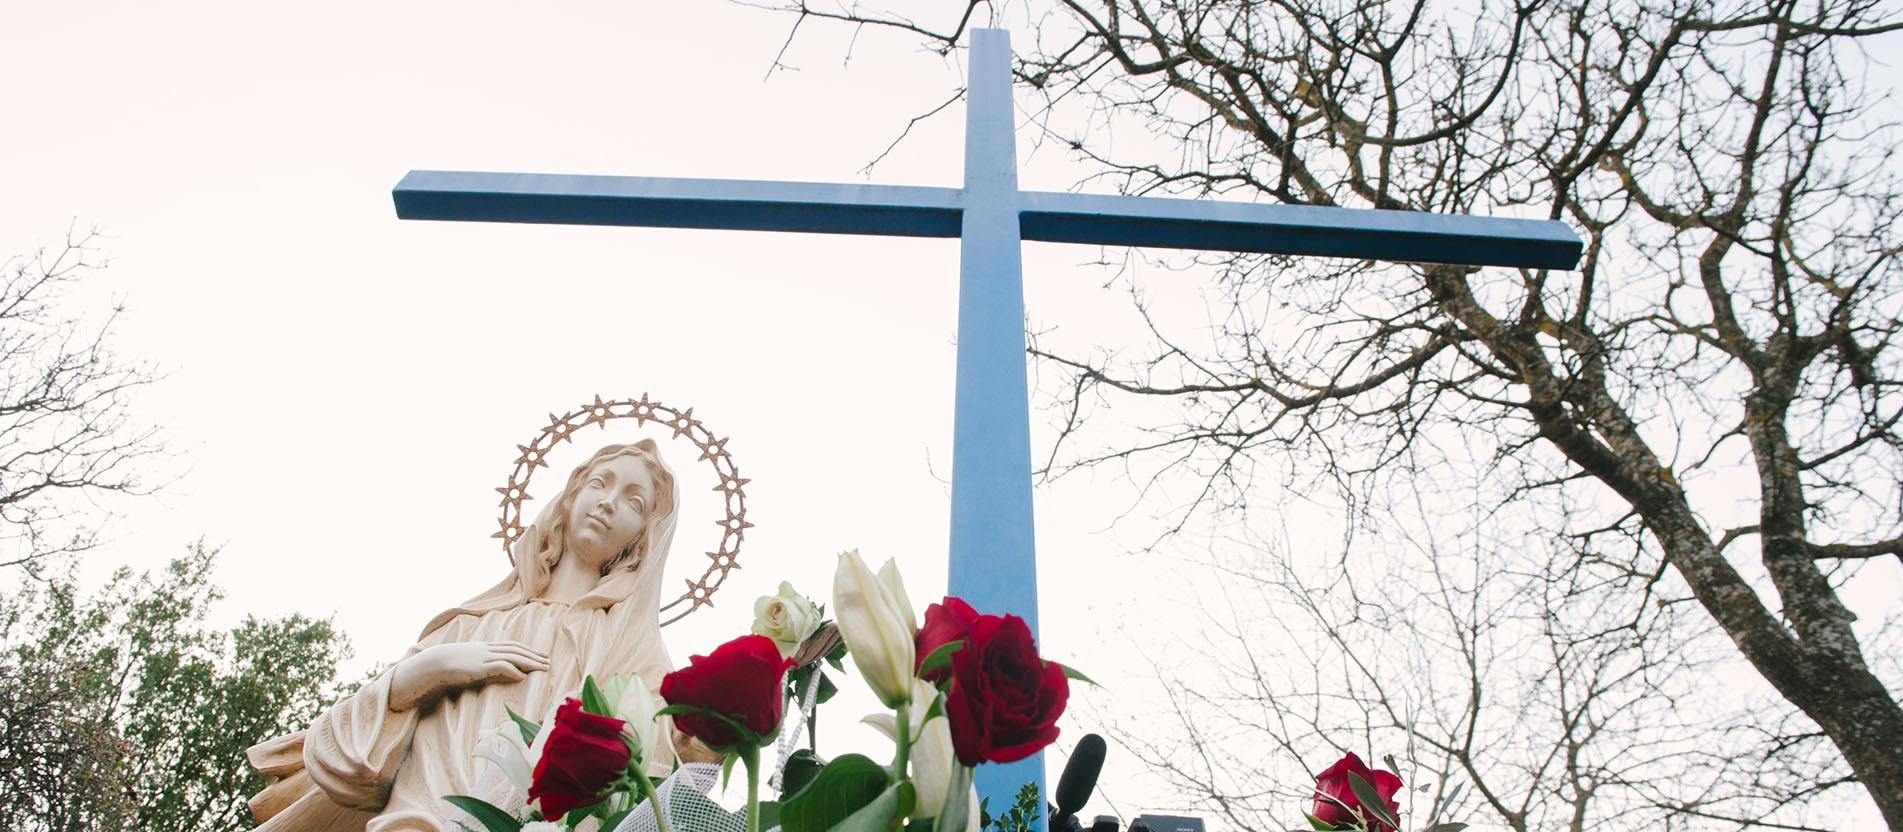 Viaggio a Medjugorje In Pullman dal Nord Apparizione Madonna 18 Marzo